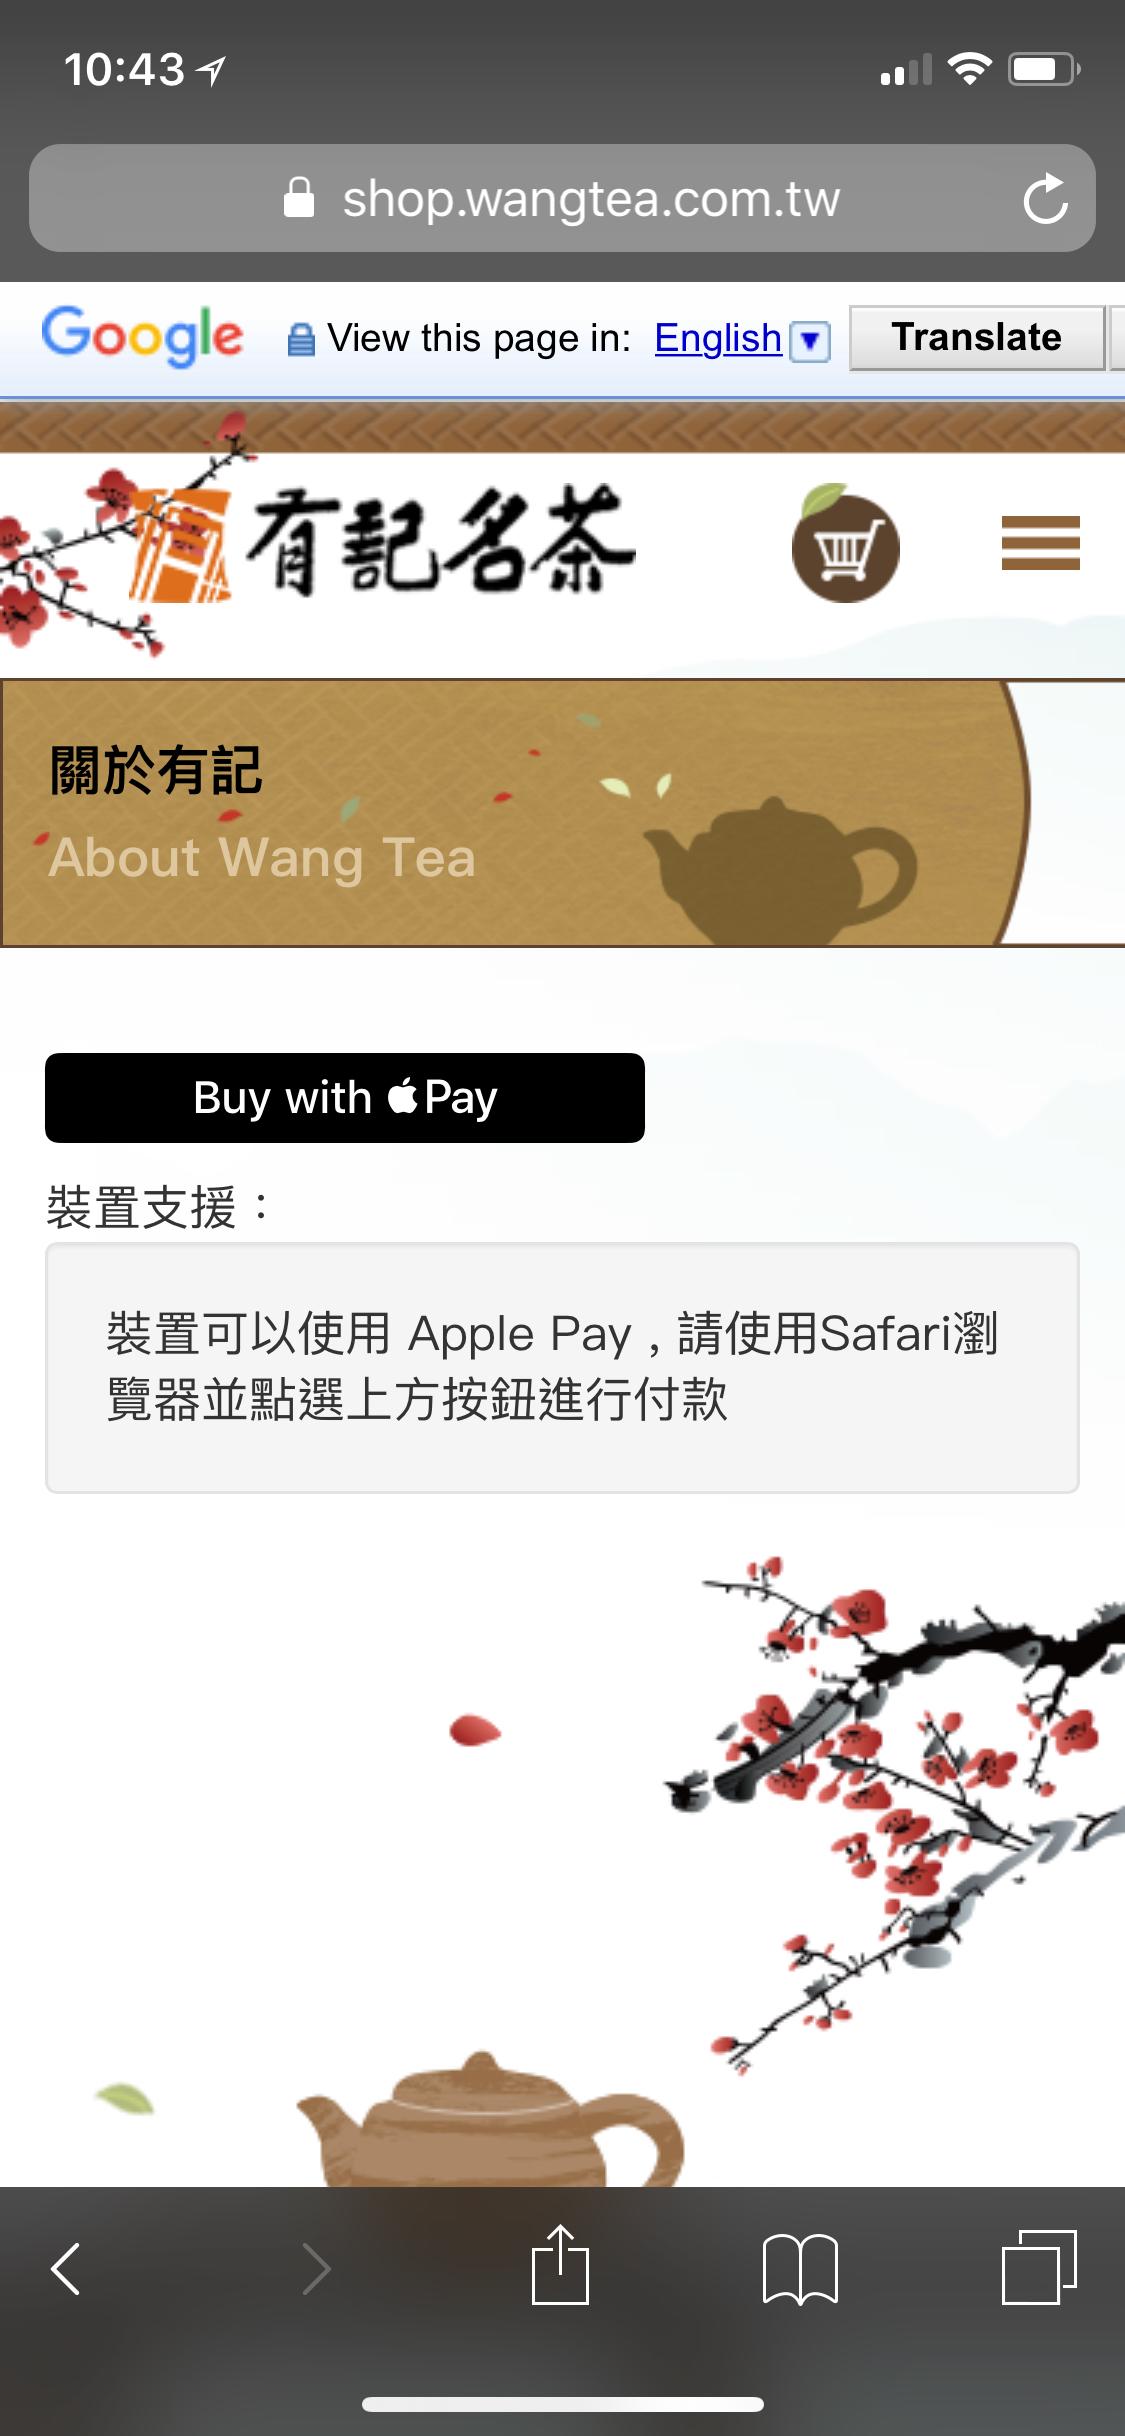 有記名茶手機版 Apple Pay.jpeg